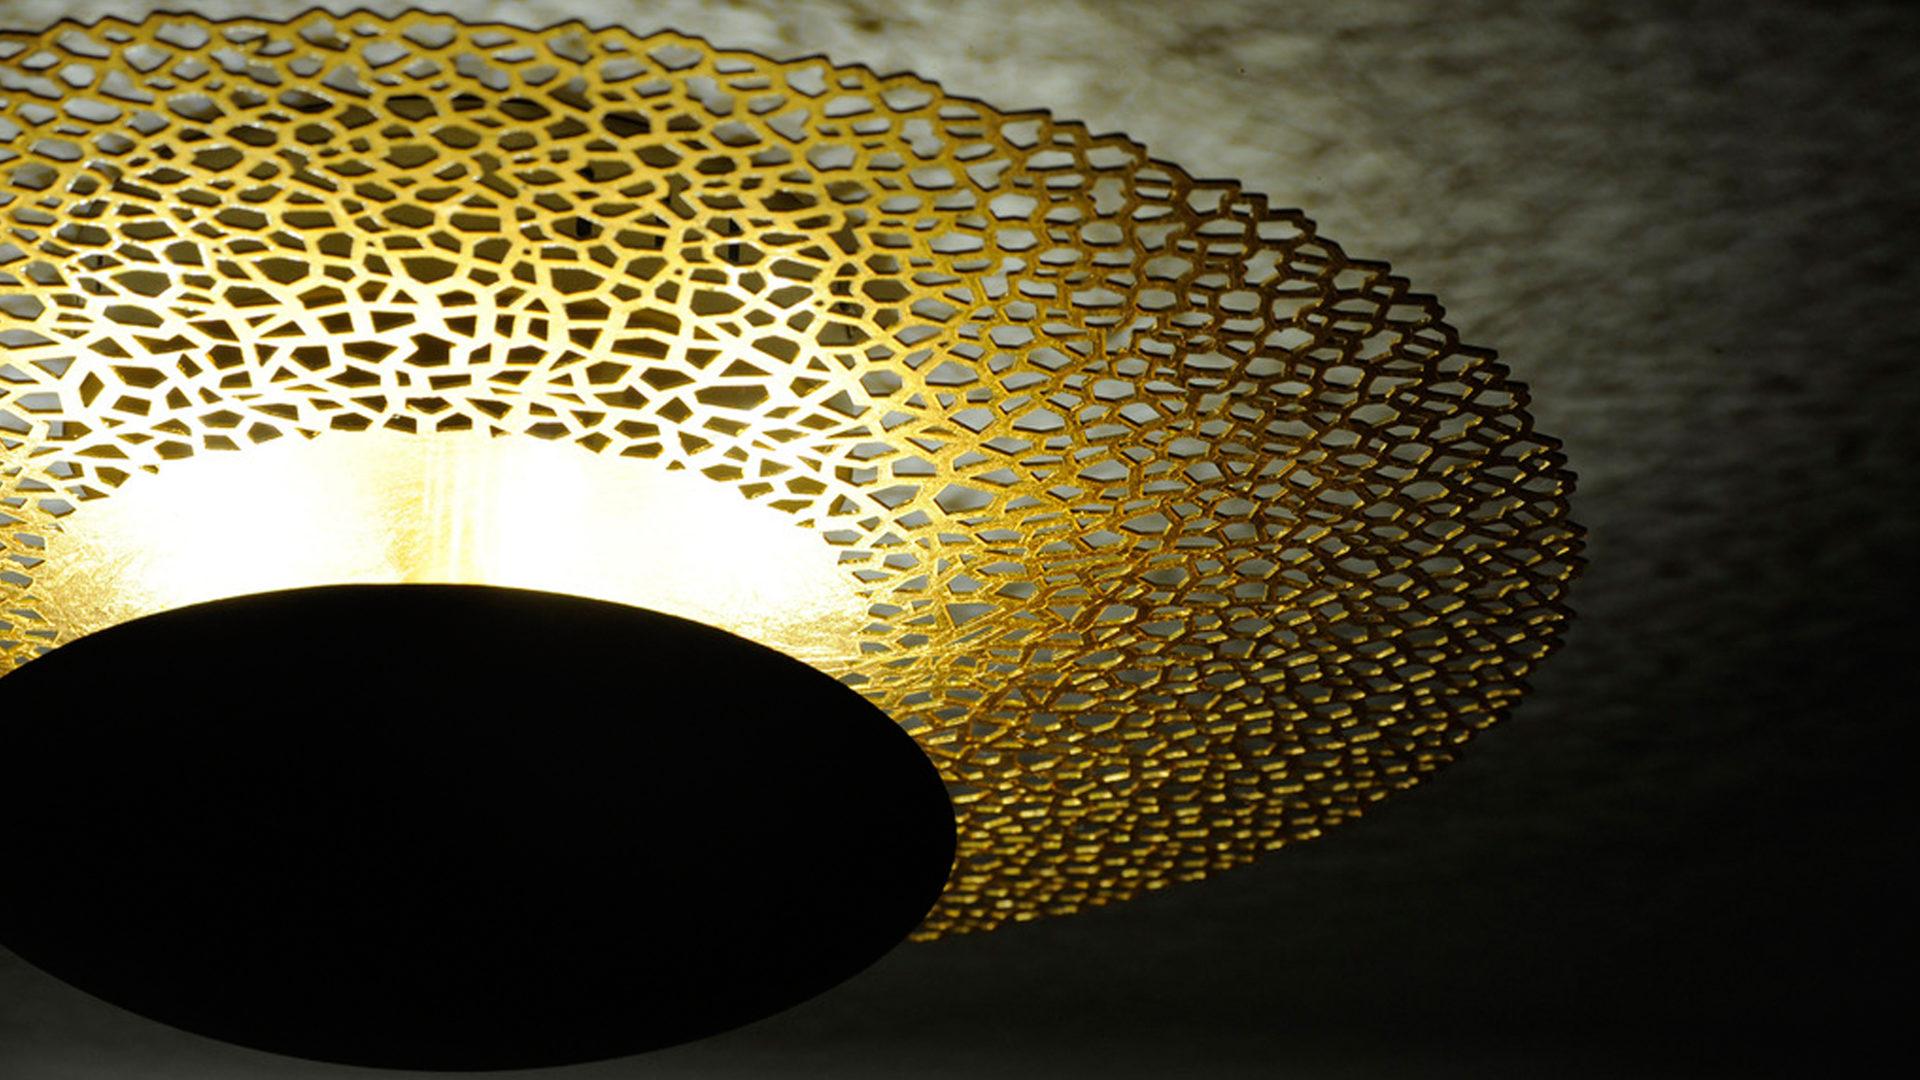 Wohnland breitwieser rume schlafzimmer lampen leuchten beschreibung parisarafo Image collections